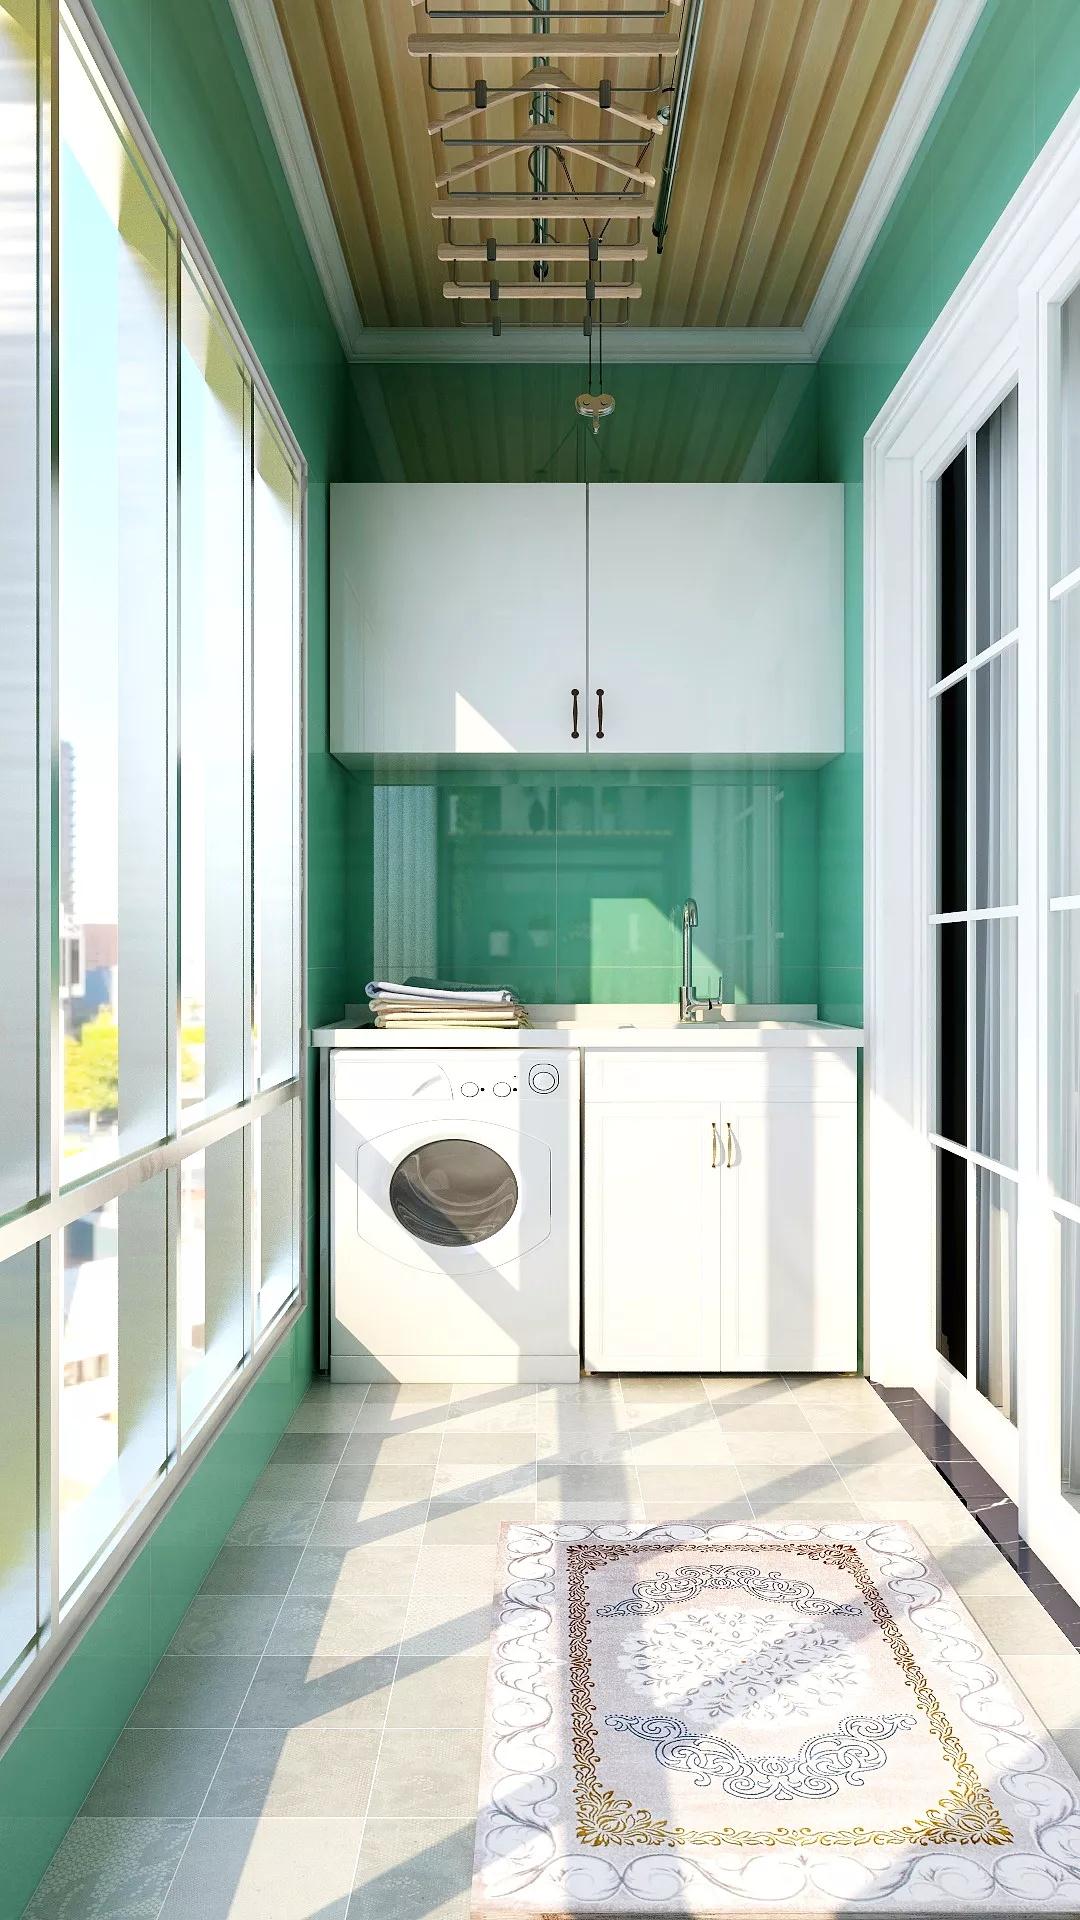 豪华公寓家居卧室装修设计